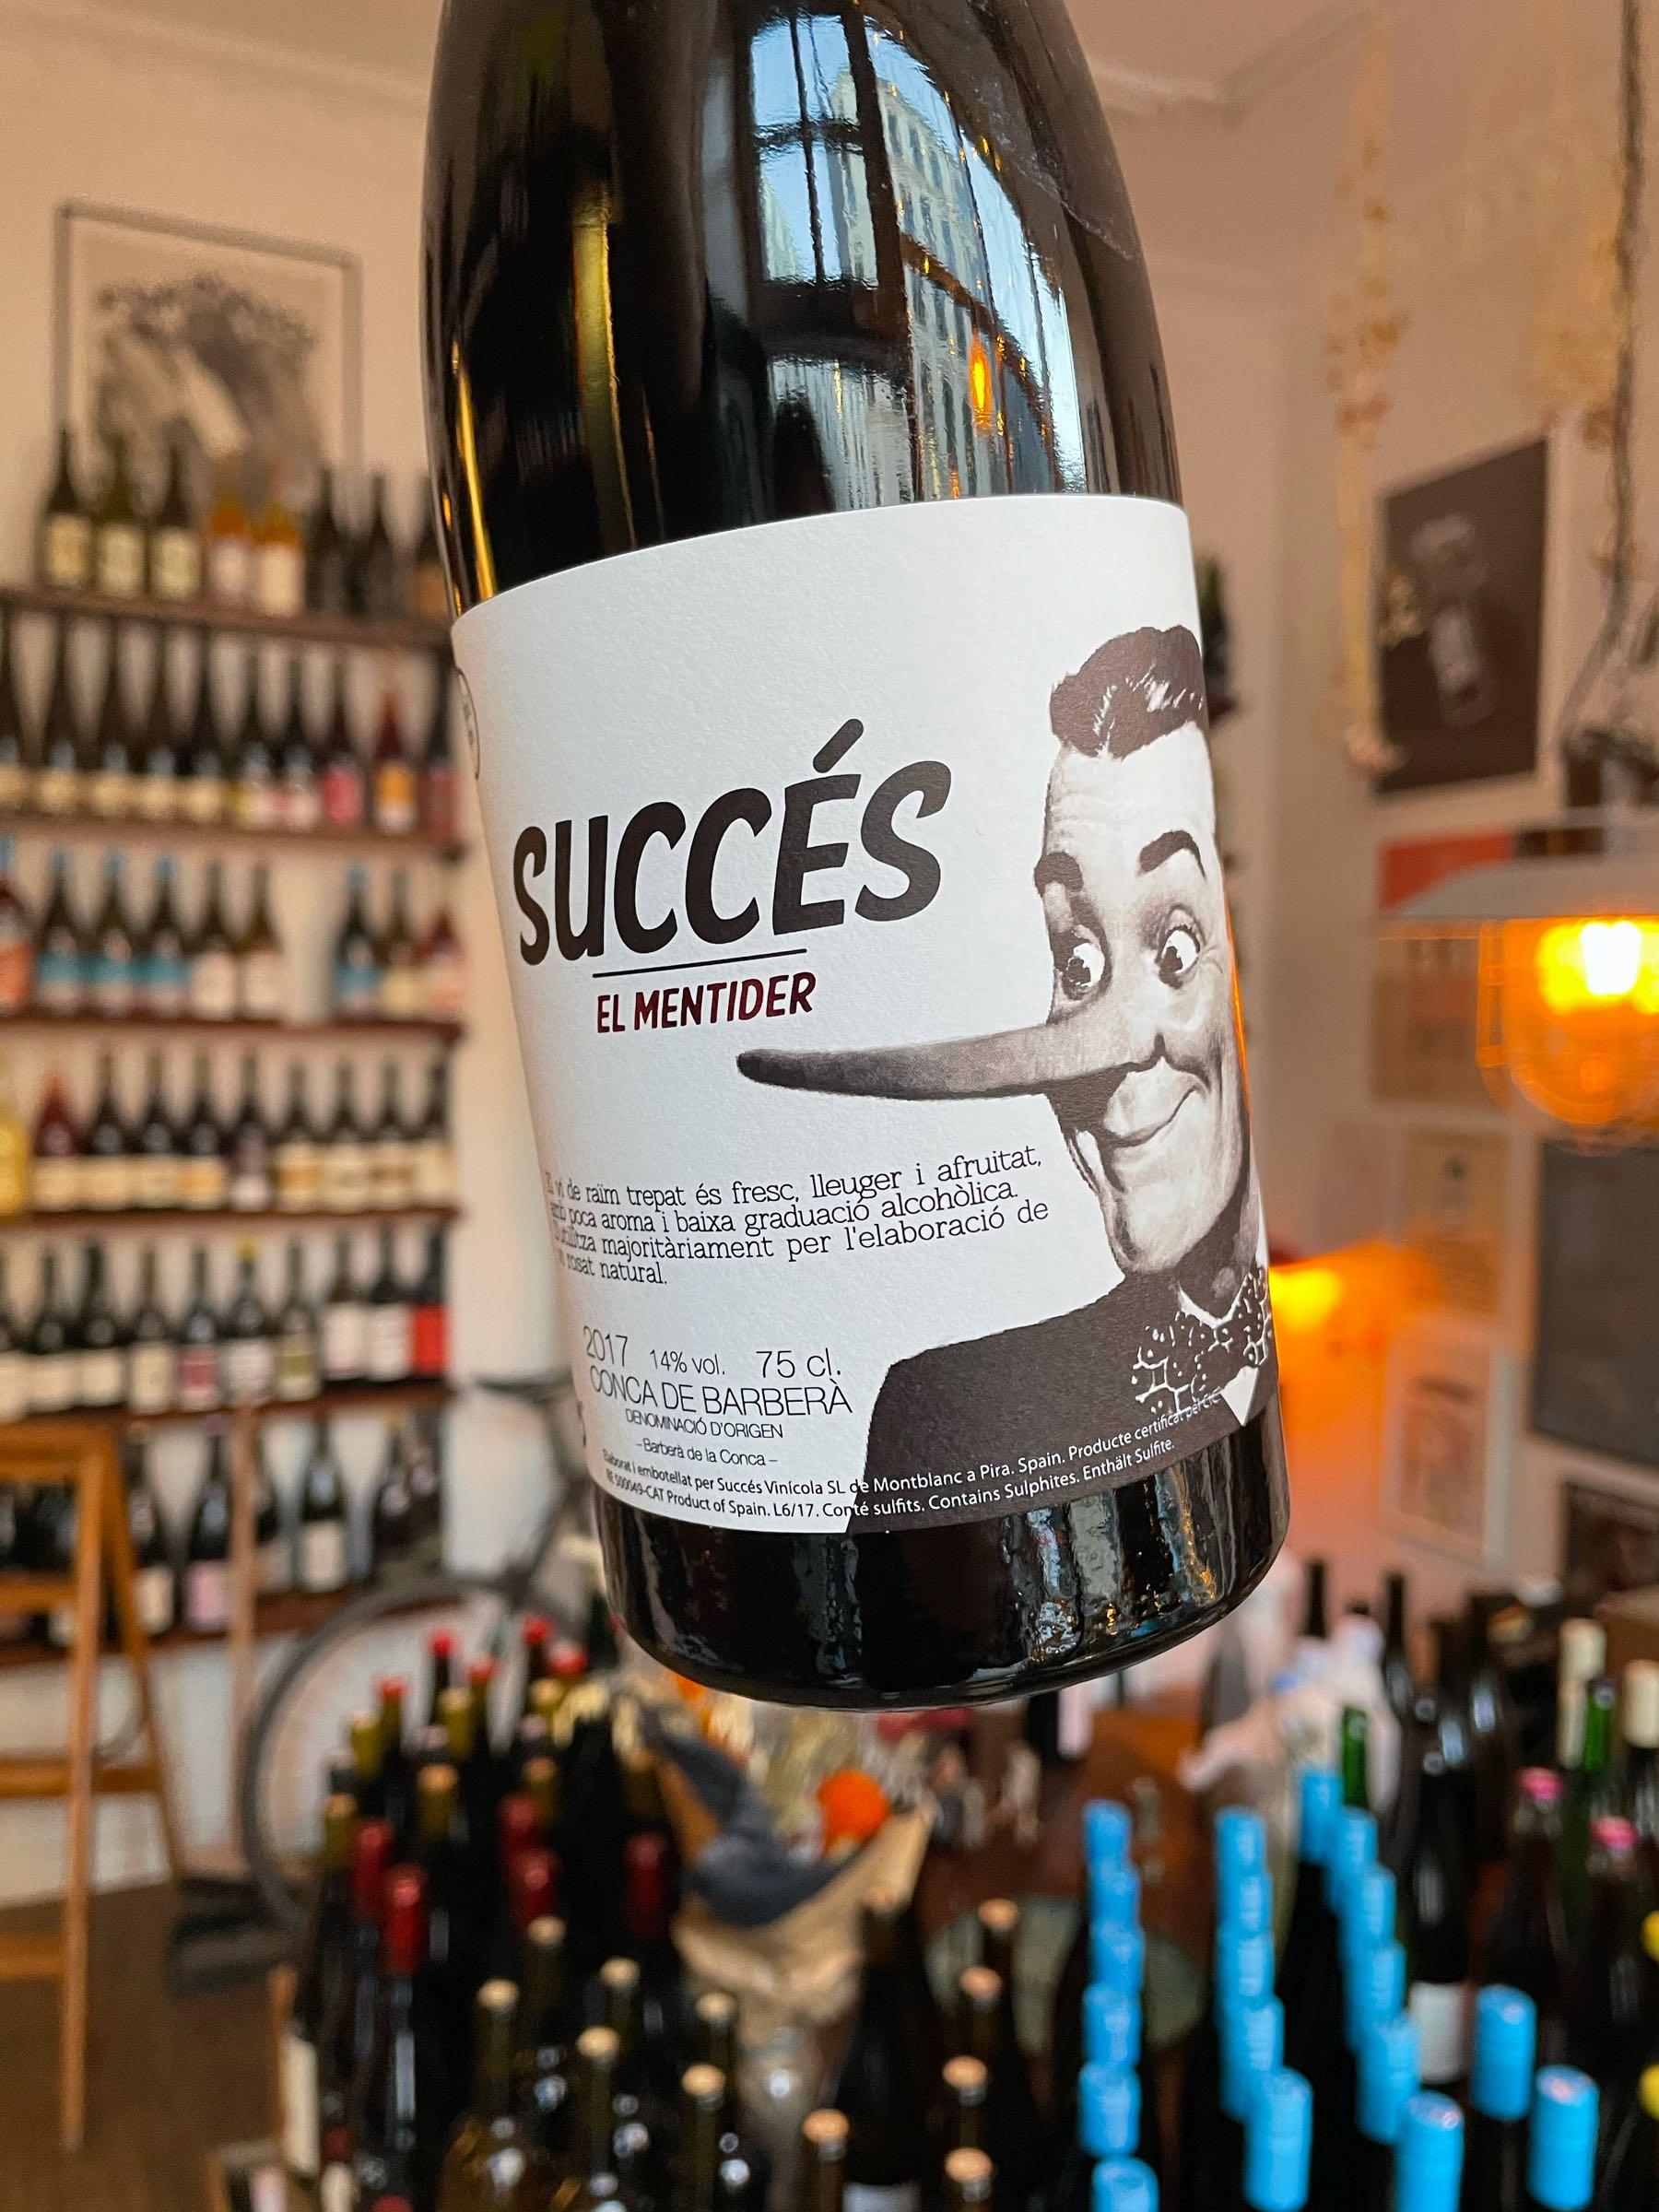 El Mentider - Succes vinicola